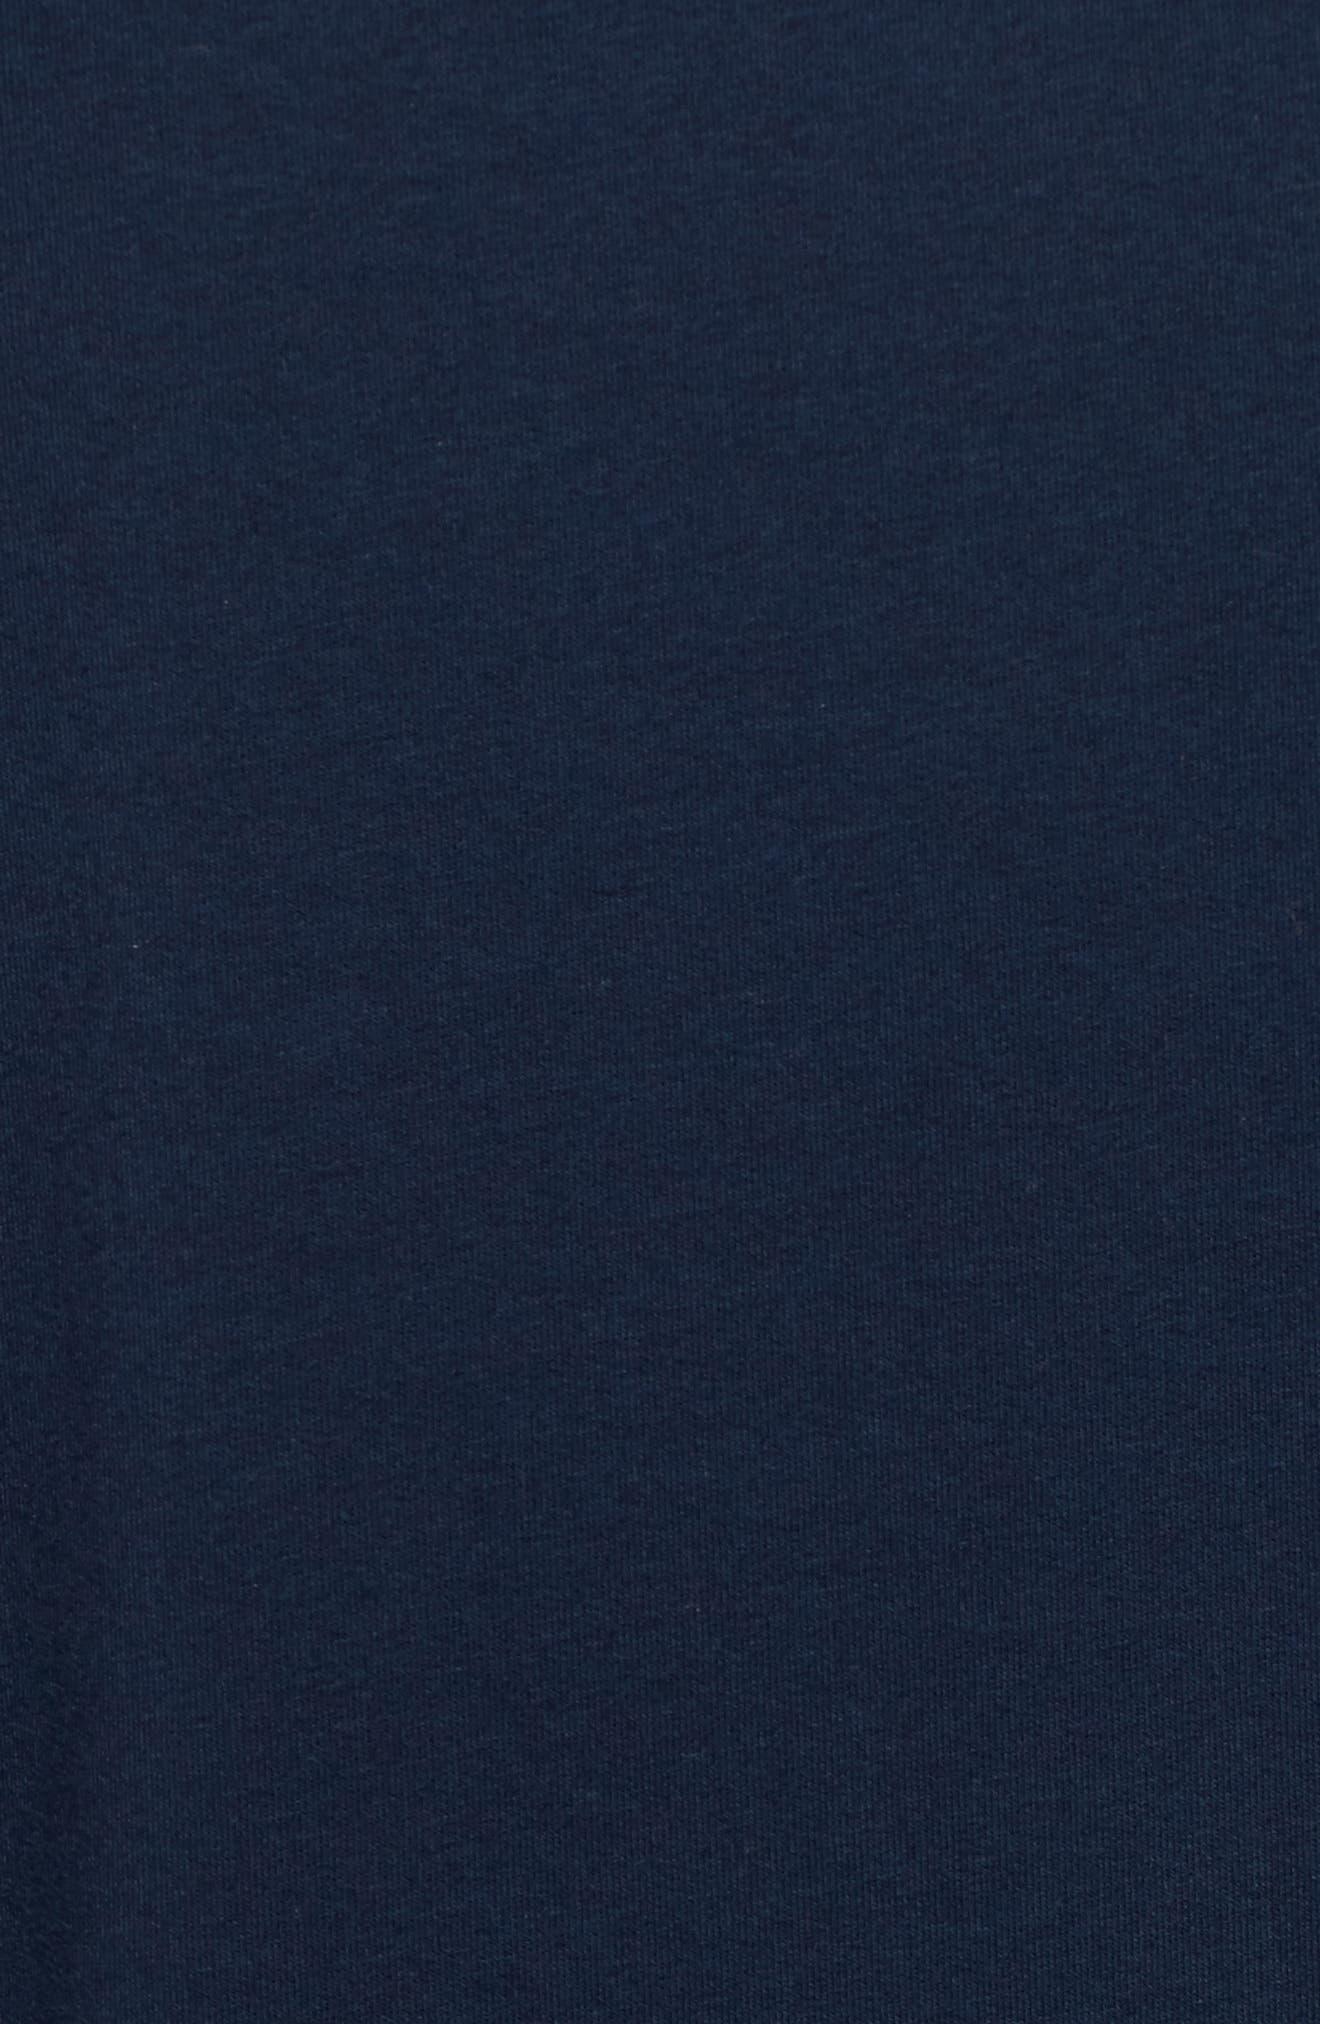 Nadja Dolman Sleeve Dress,                             Alternate thumbnail 6, color,                             Navy